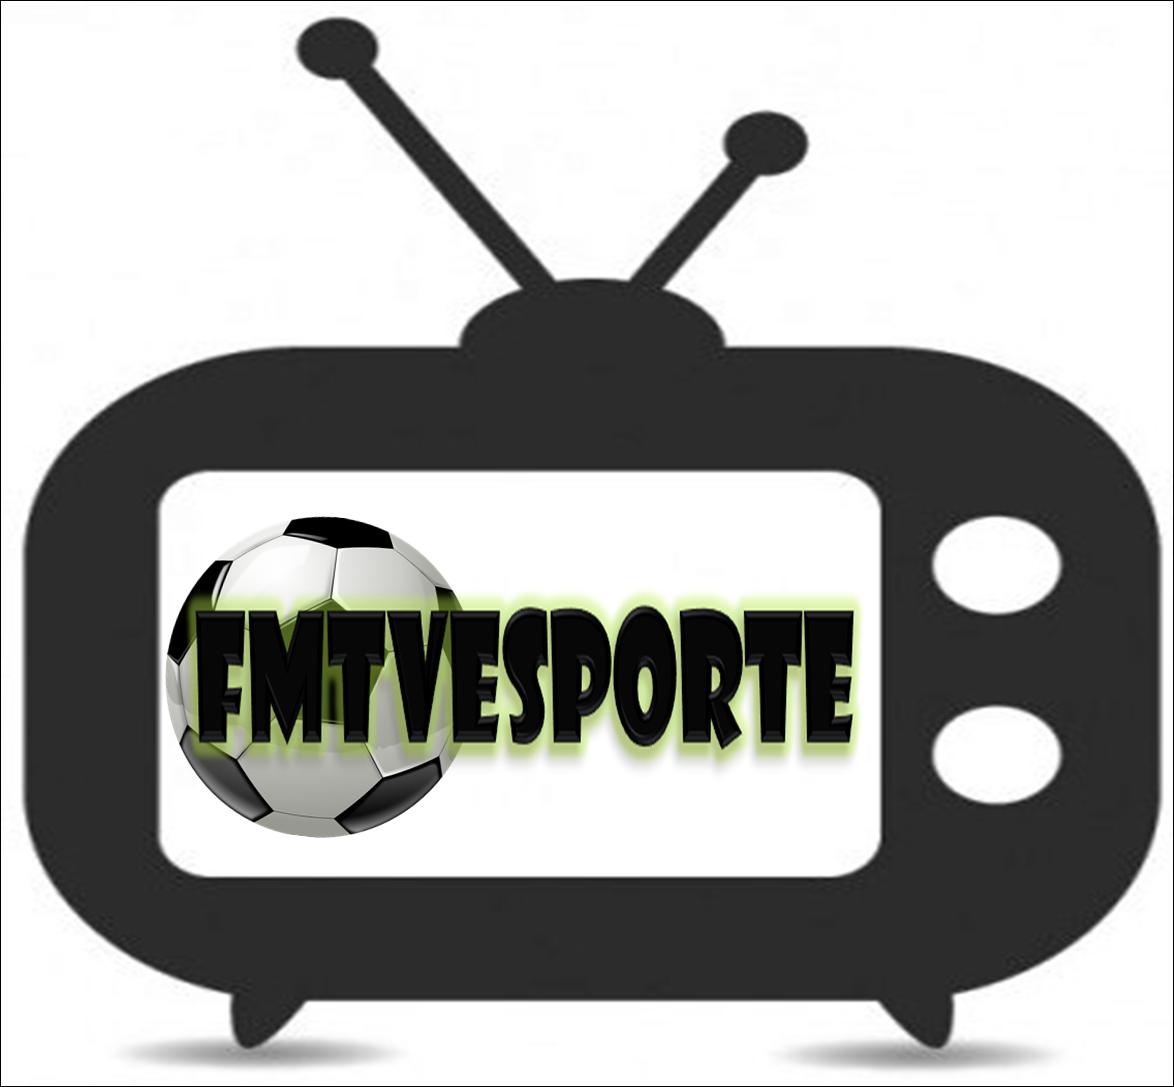 FMTVESPORTE